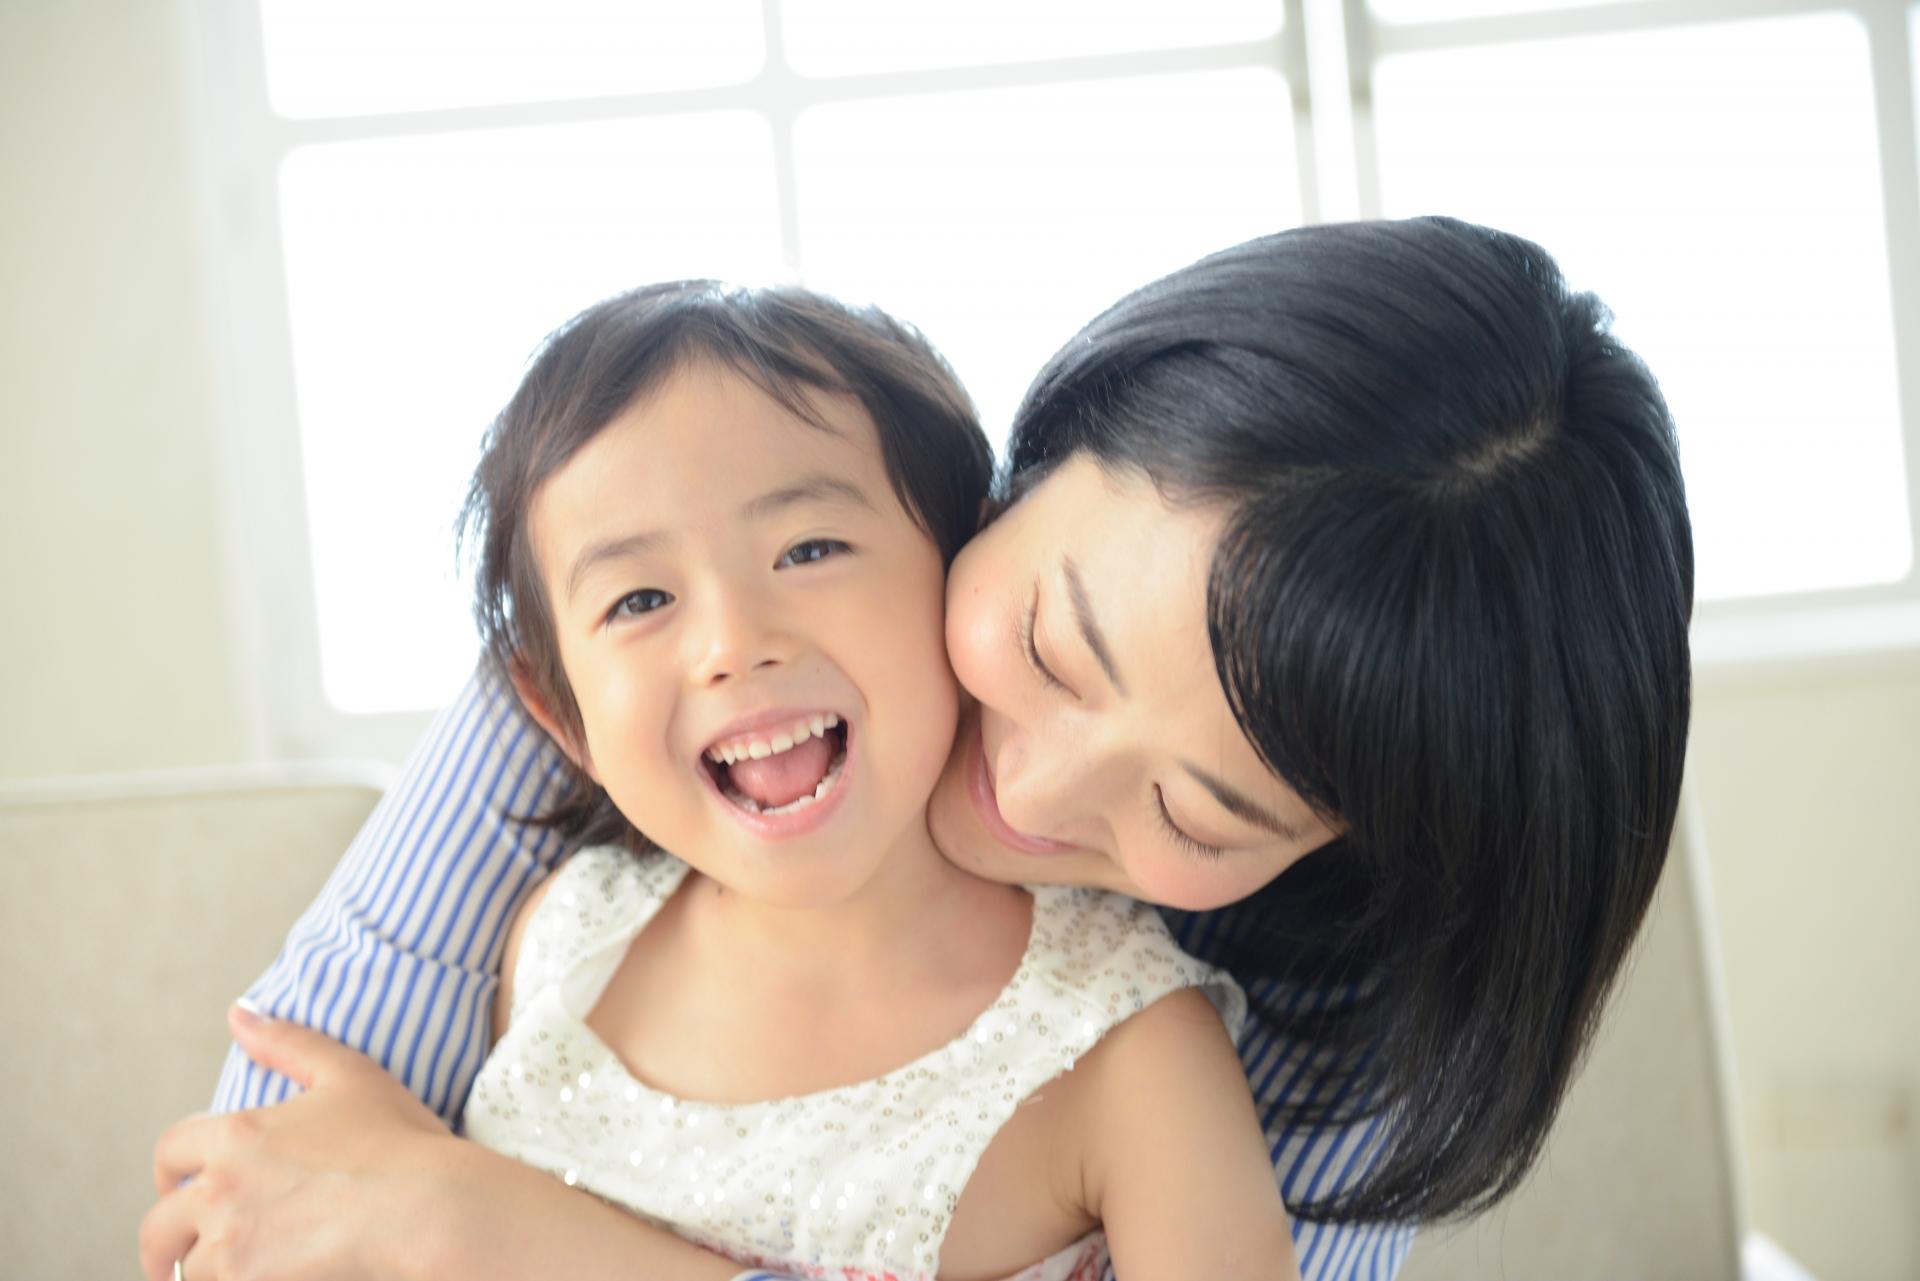 子供が小さいうちは悔しいけど、仕事よりも子供重視の働き方が良い